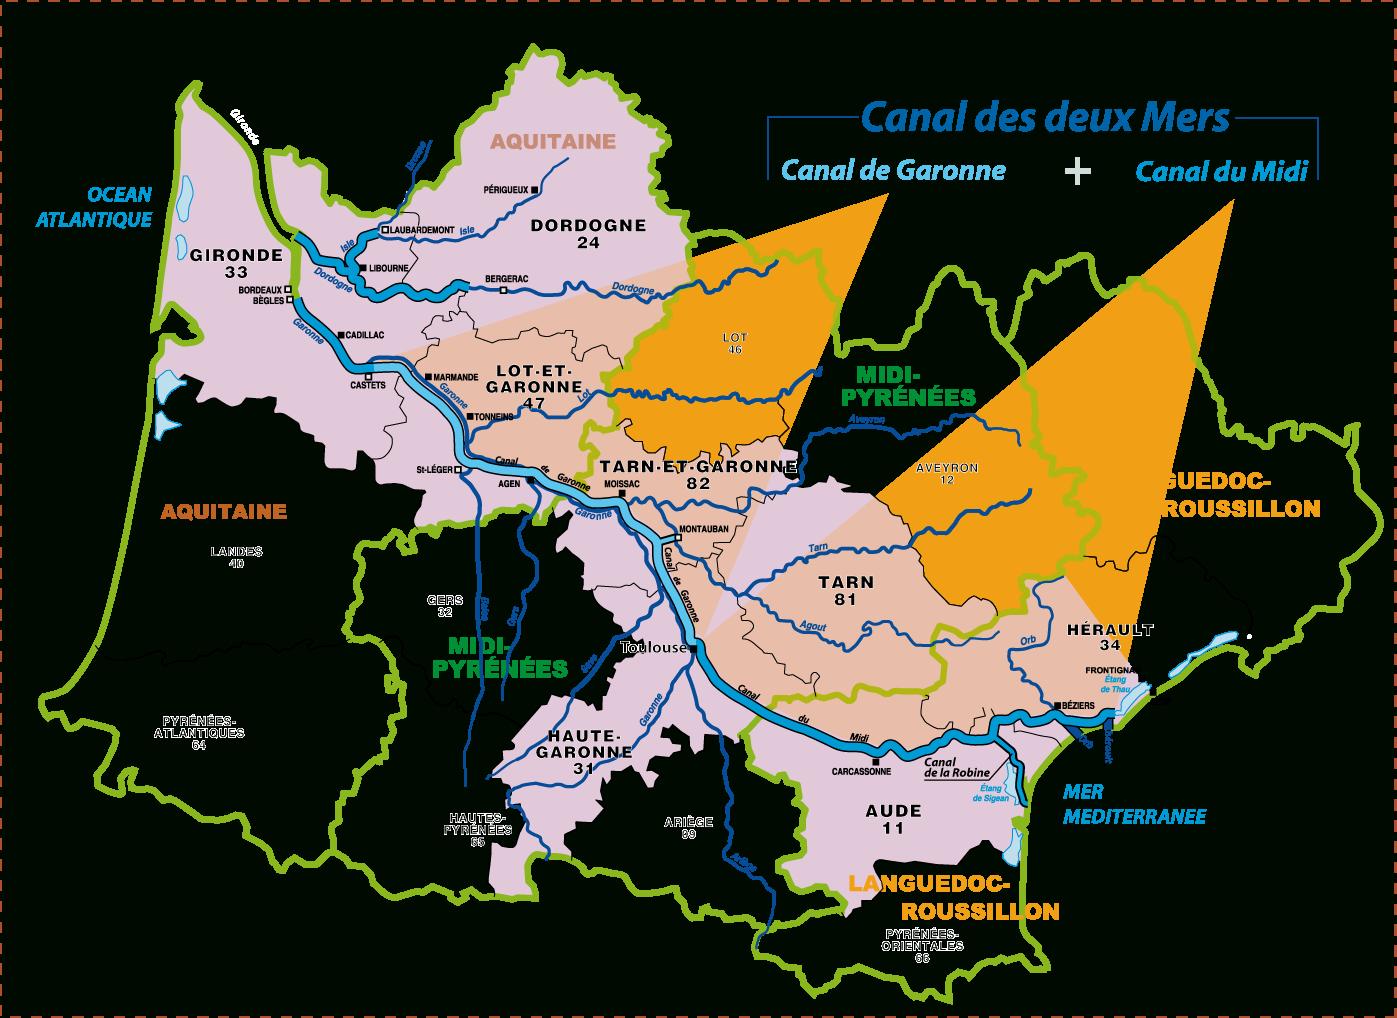 Le Réseau Du Sud-Ouest - Internet De La Direction intérieur Carte Des Fleuves De France